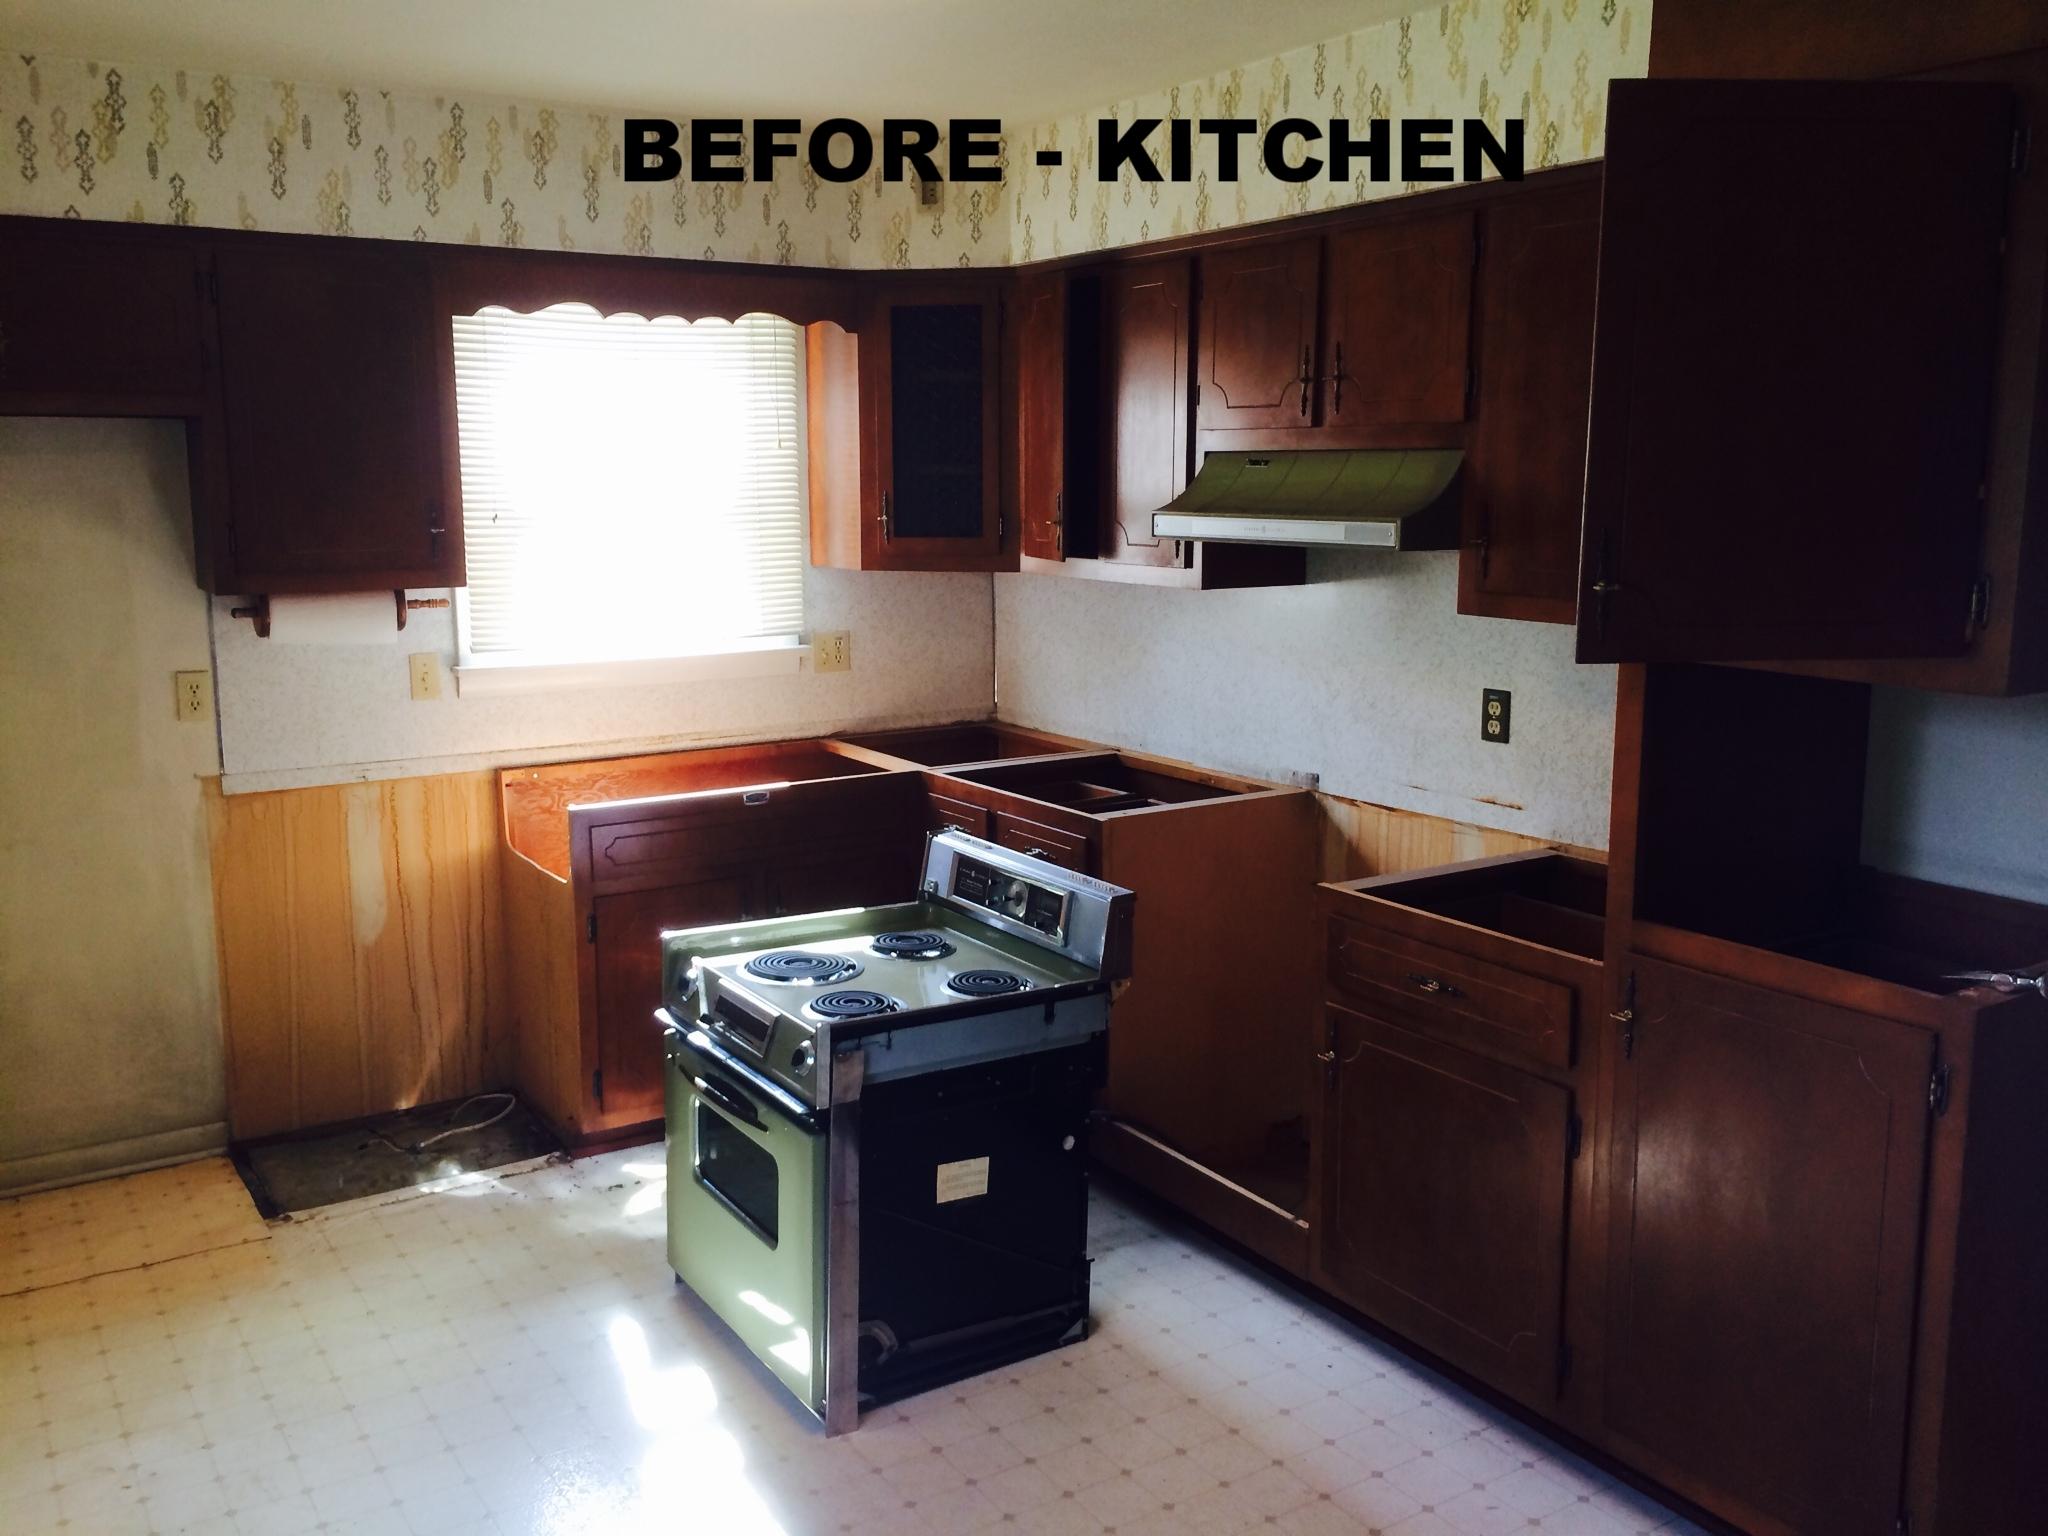 10.9.17_kitchen before.JPG